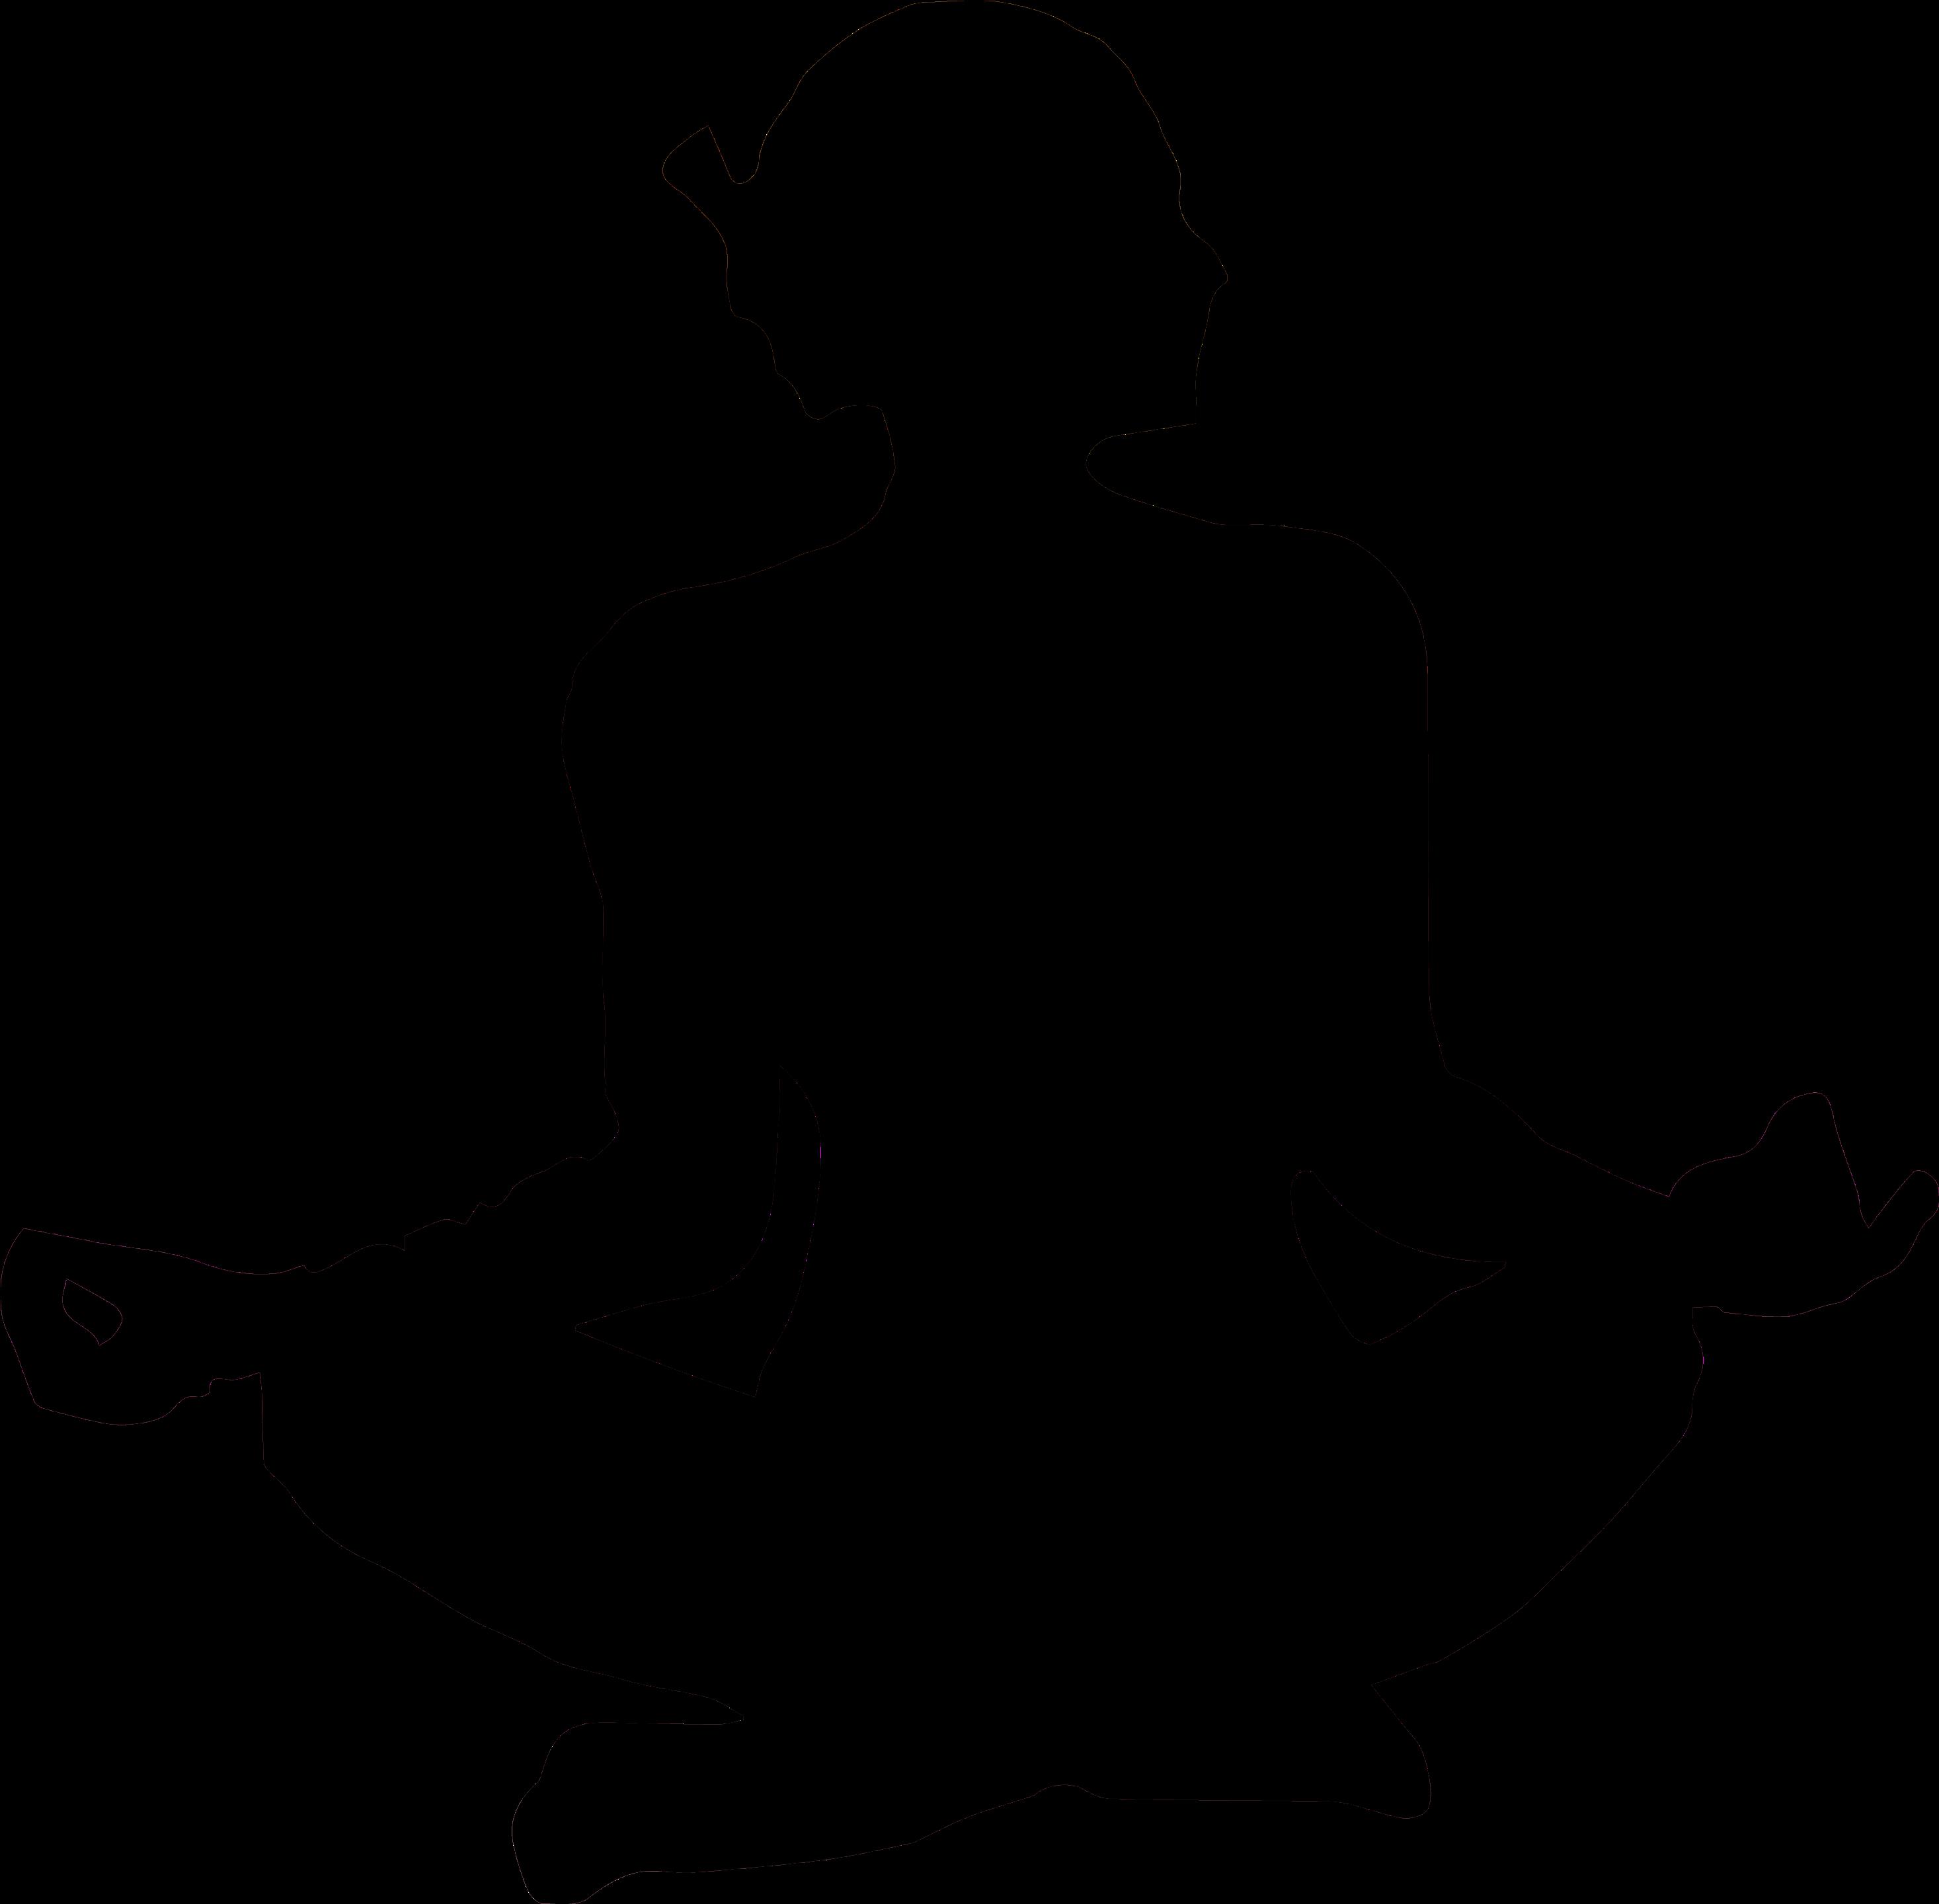 компания йога векторные картинки нету сил